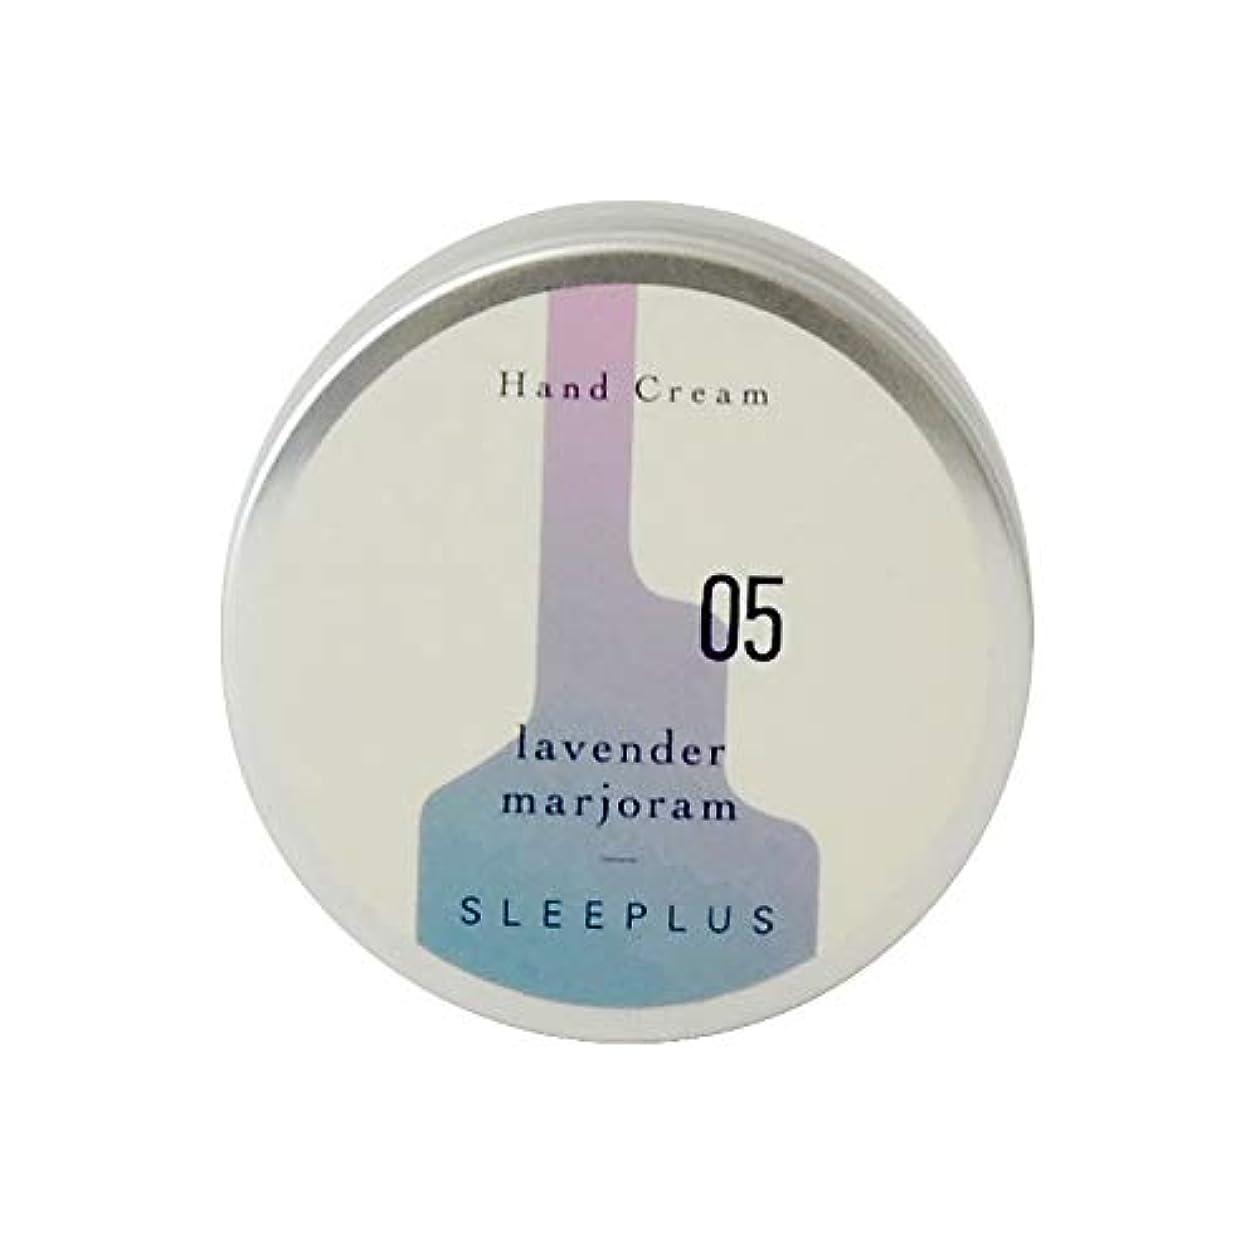 ヒギンズ画家異邦人Heavenly Aroom ハンドクリーム SLEEPLUS 05 ラベンダーマージョラム 75g